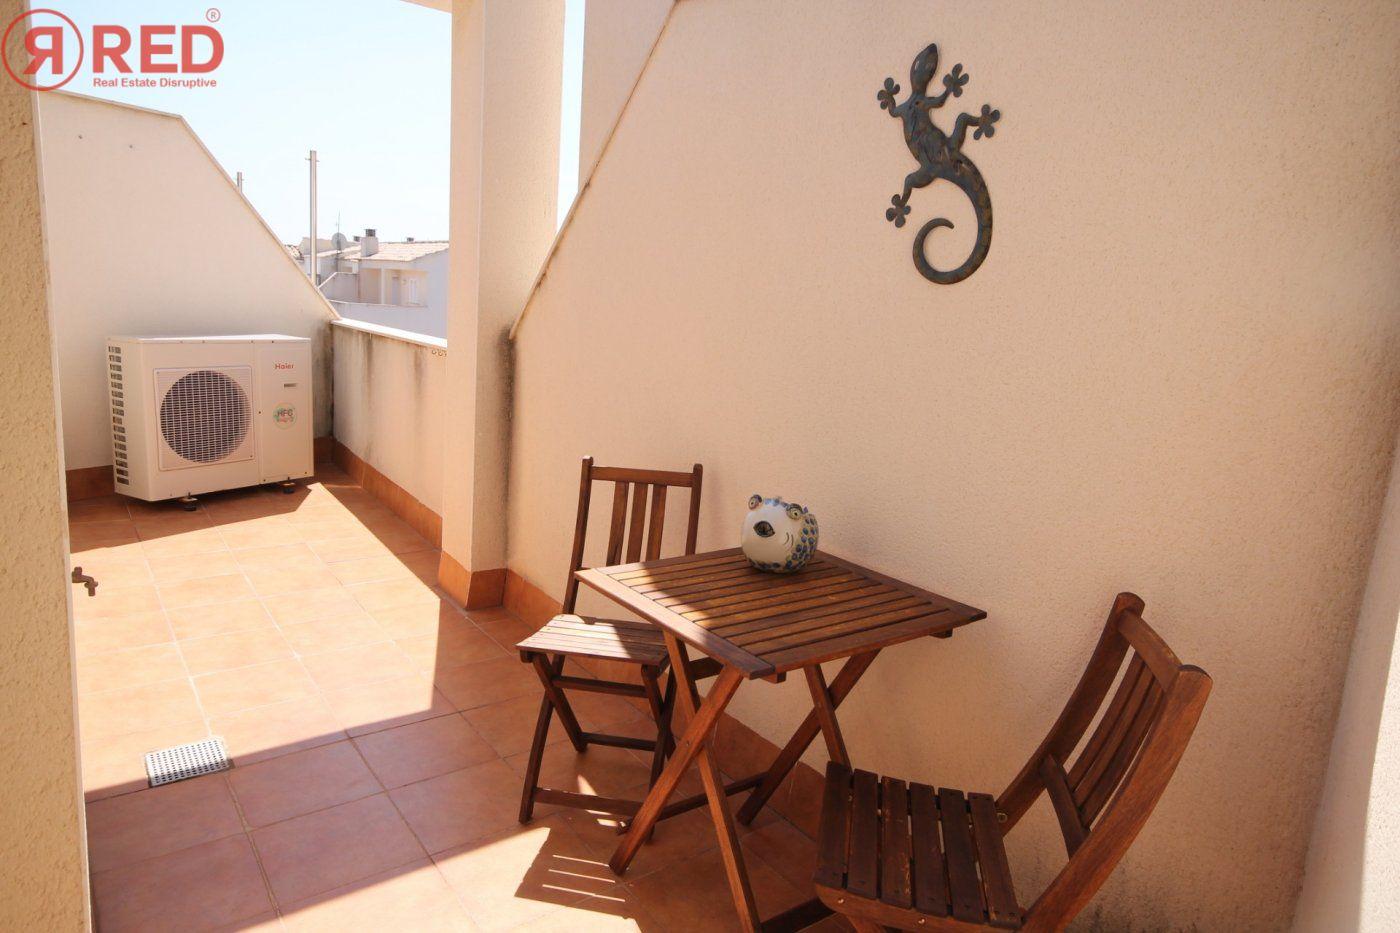 Dúplex con terraza y piscina comunitaria, equipamiento y mobiliario excepcional - imagenInmueble6